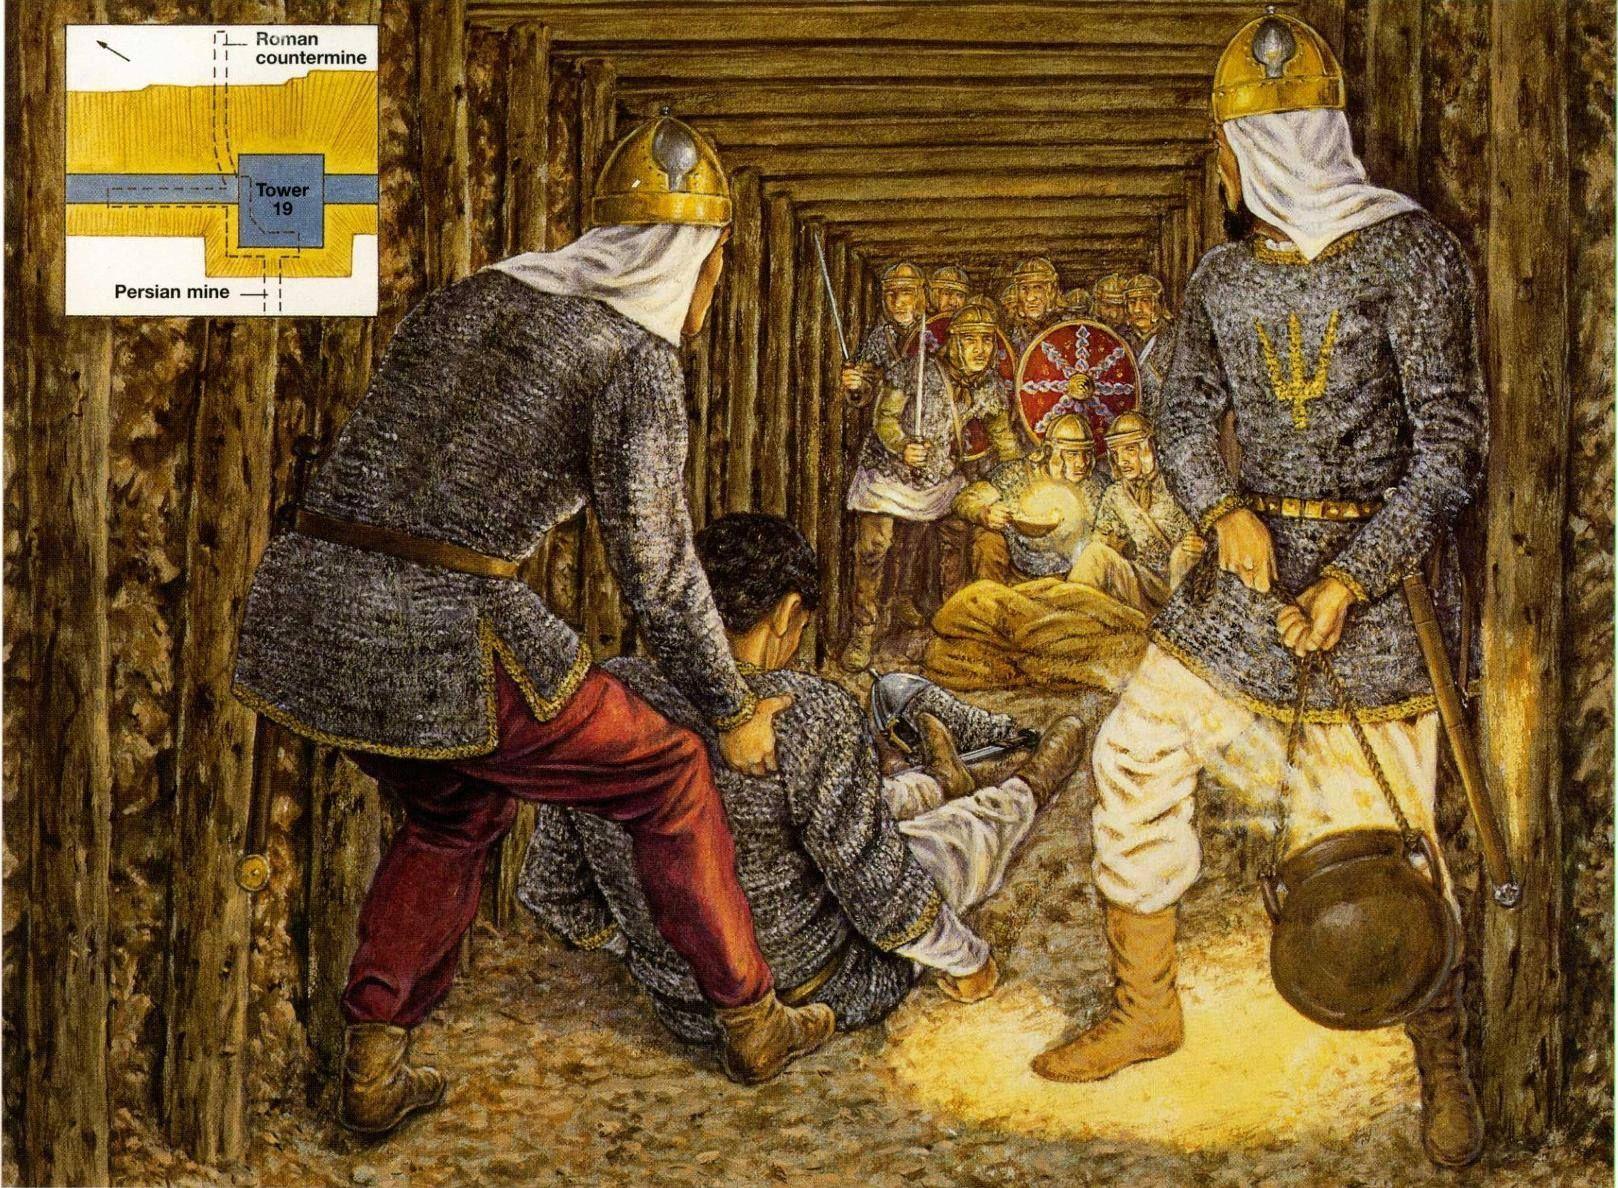 Cuộc chiến tranh hóa học đầu tiên trong lịch sử nhân loại